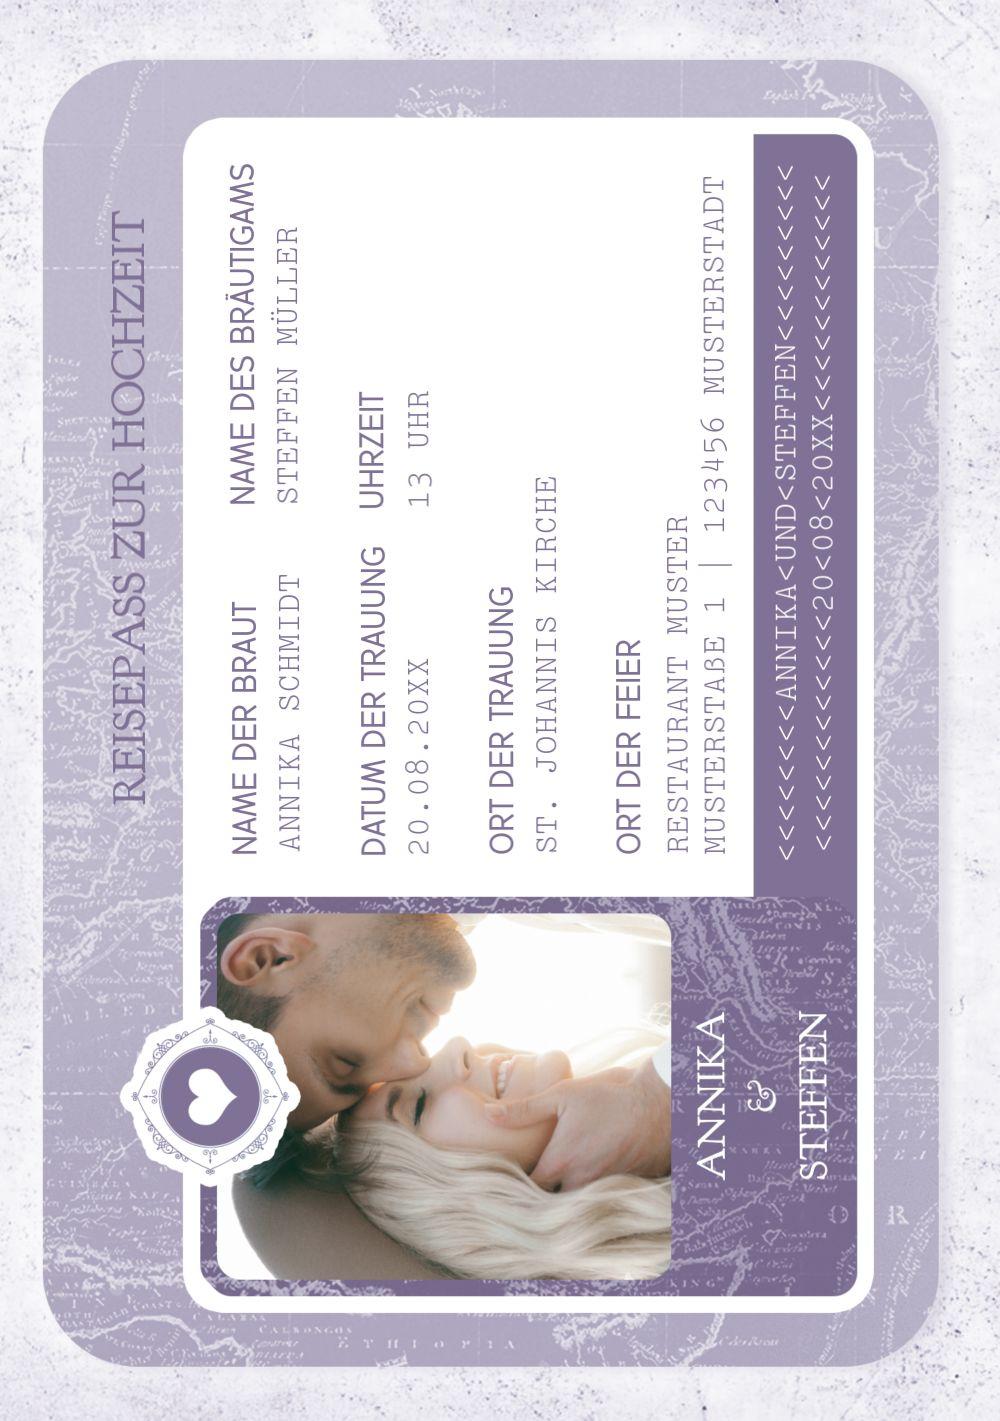 Ansicht 5 - Hochzeit Einladung Hochzeitspass